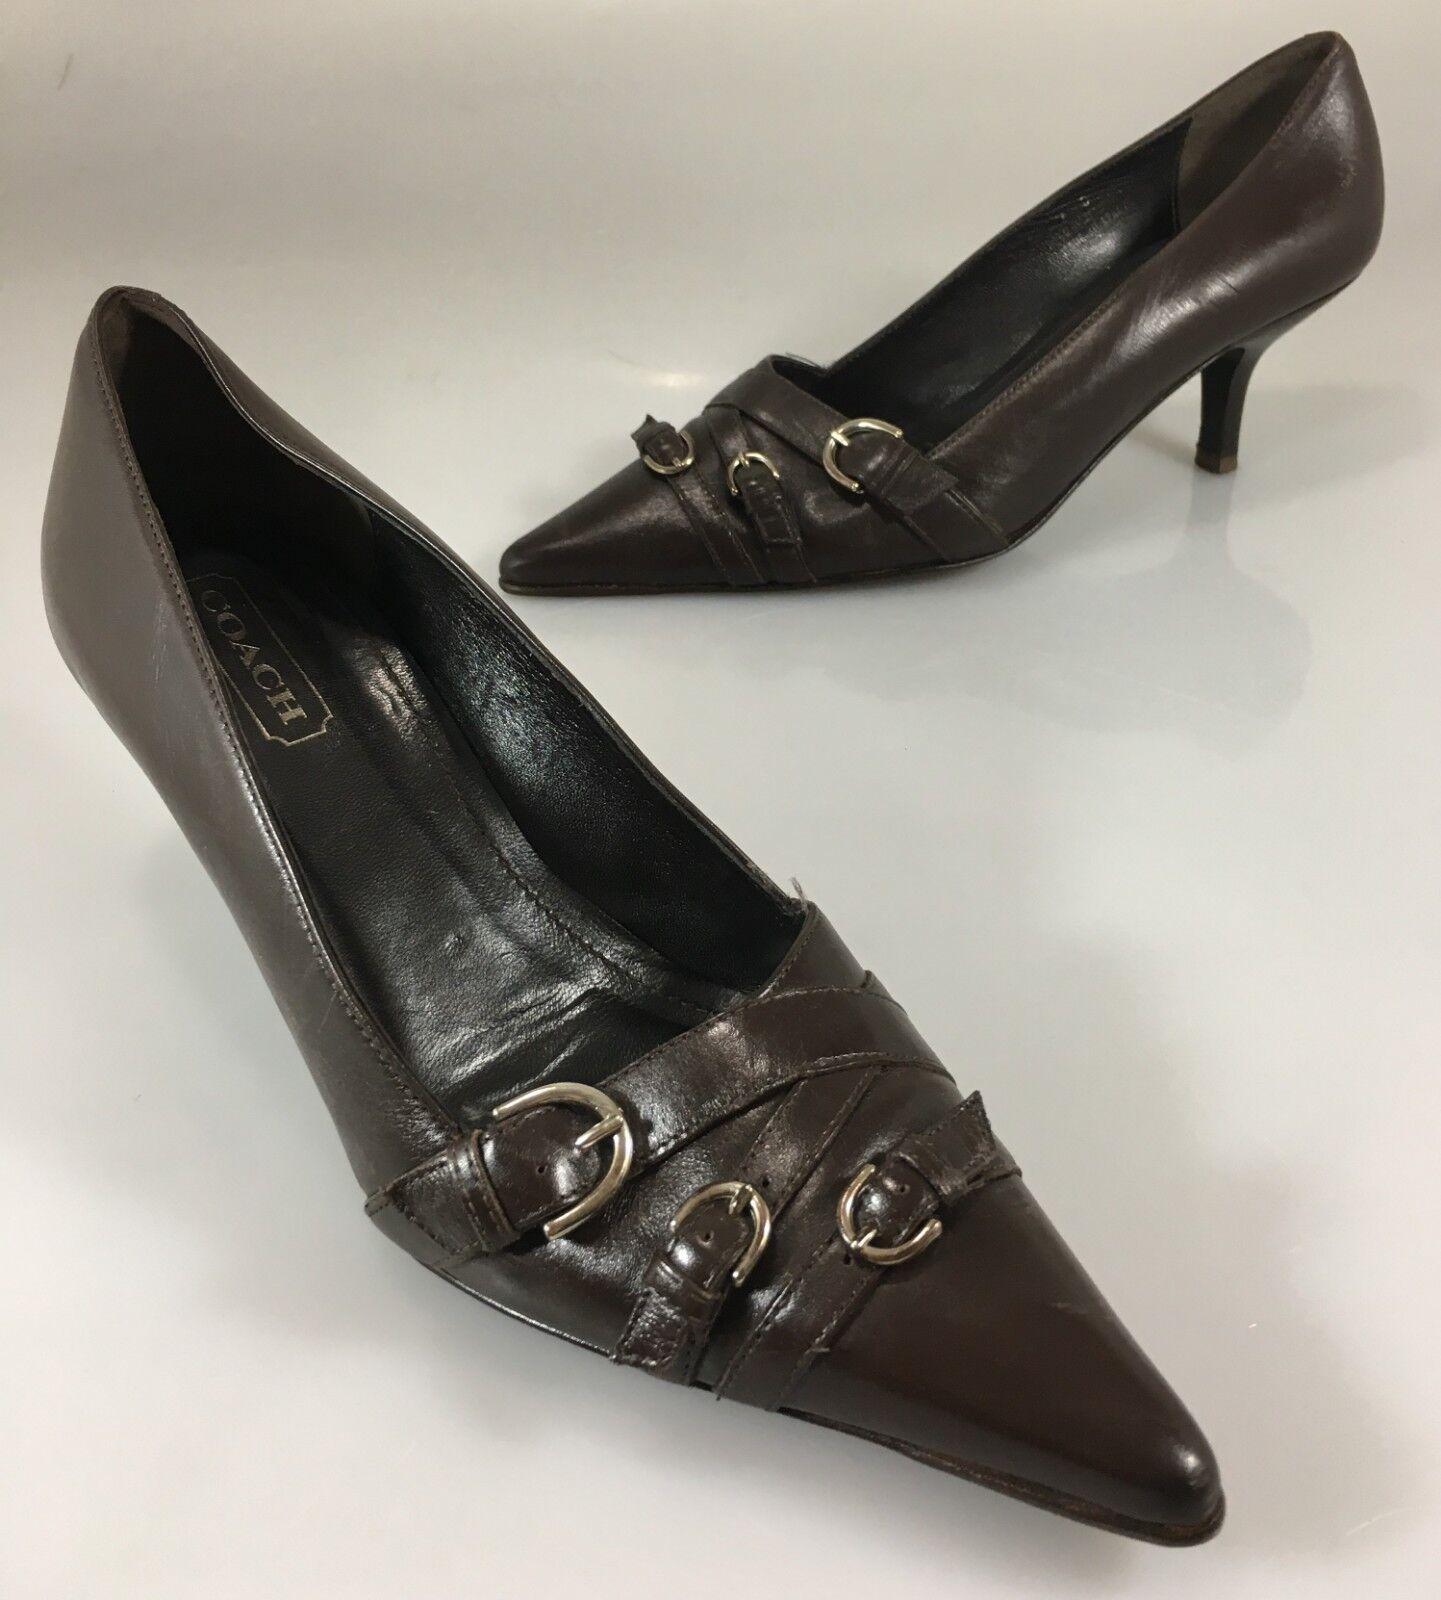 Entrenador De Mujer 7B Marrón Cuero 2.5  Tacones Zapatos Zapatos Zapatos De Salón Tacones Gatito hebillas de níquel  tienda en linea